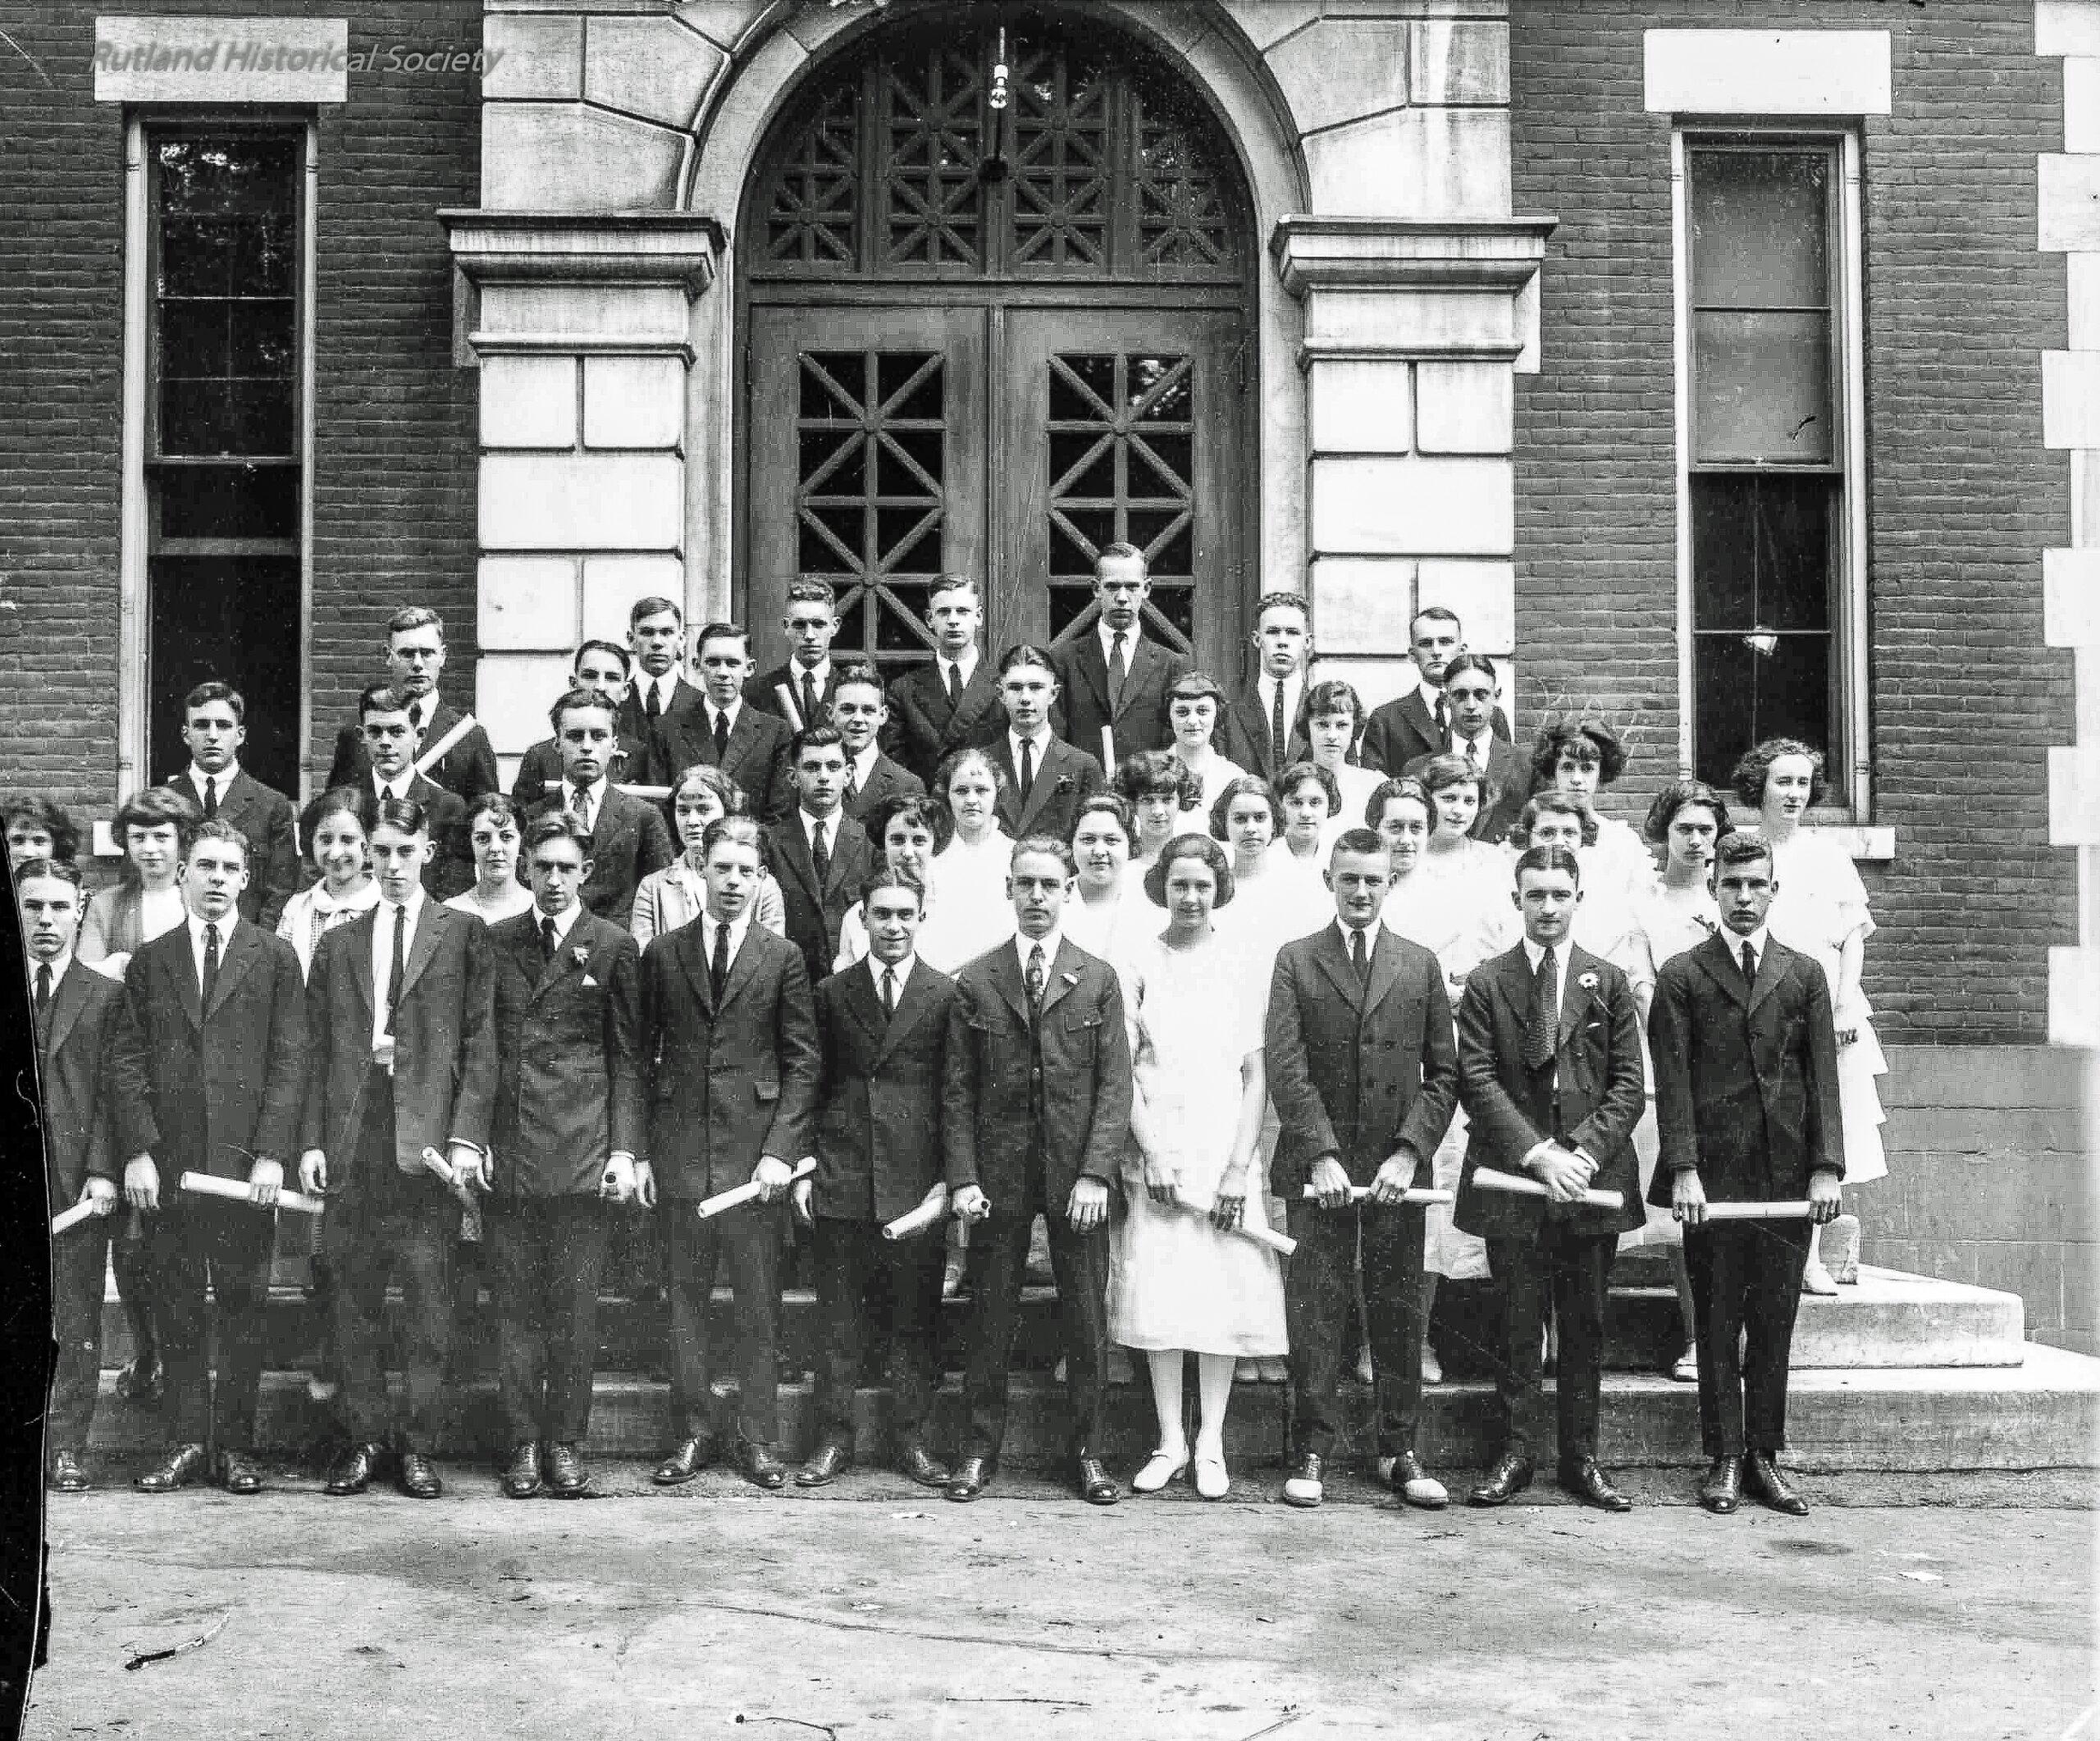 Rutland High School Class of 1923  (Virginia Gregory Collection)